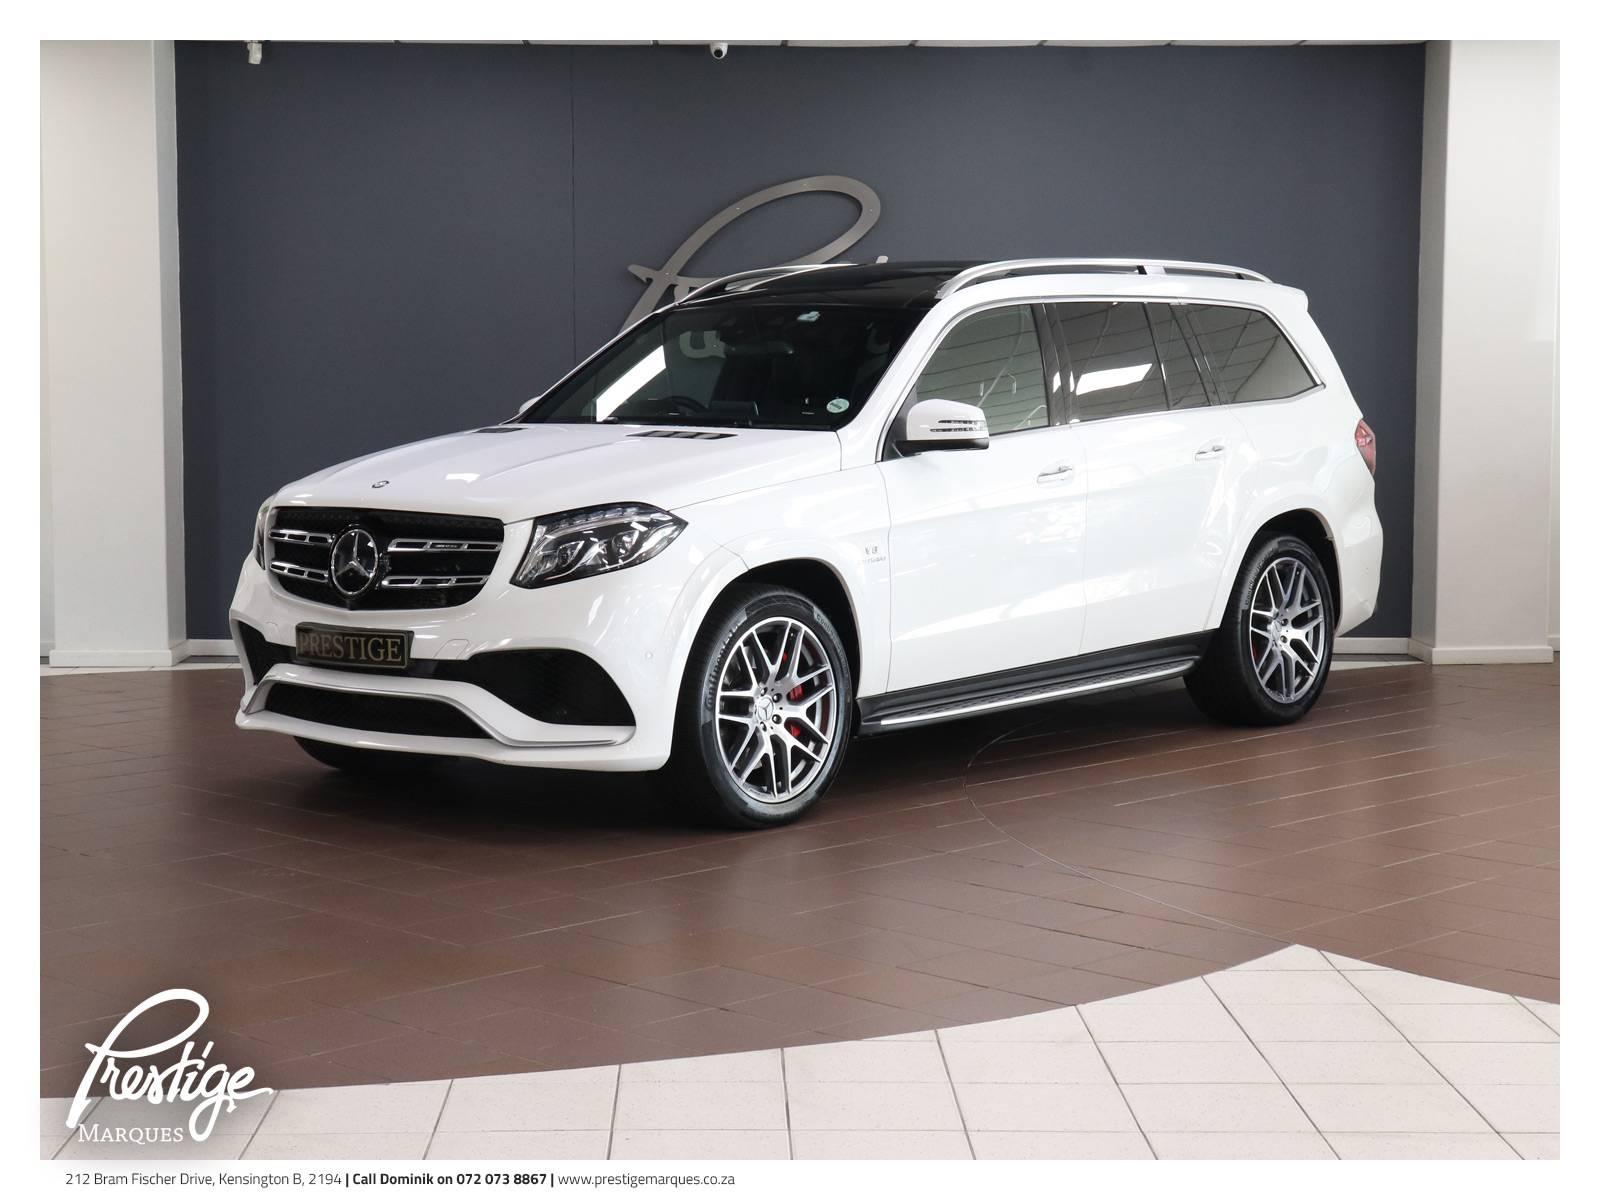 2016-Mercedes-Benz-GLS-63-AMG-Prestige-Marques-8